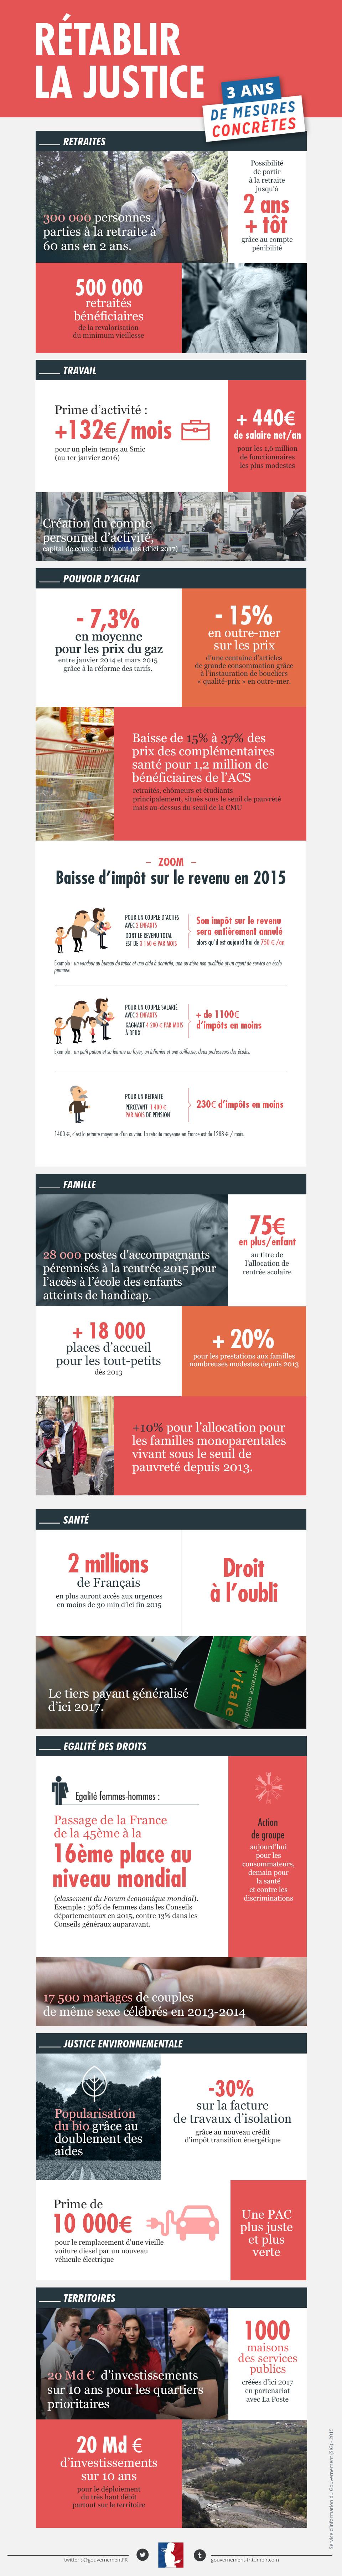 Infographie sur les actions concrètes pour rétablir la justice depuis 3 ans - voir en plus grand